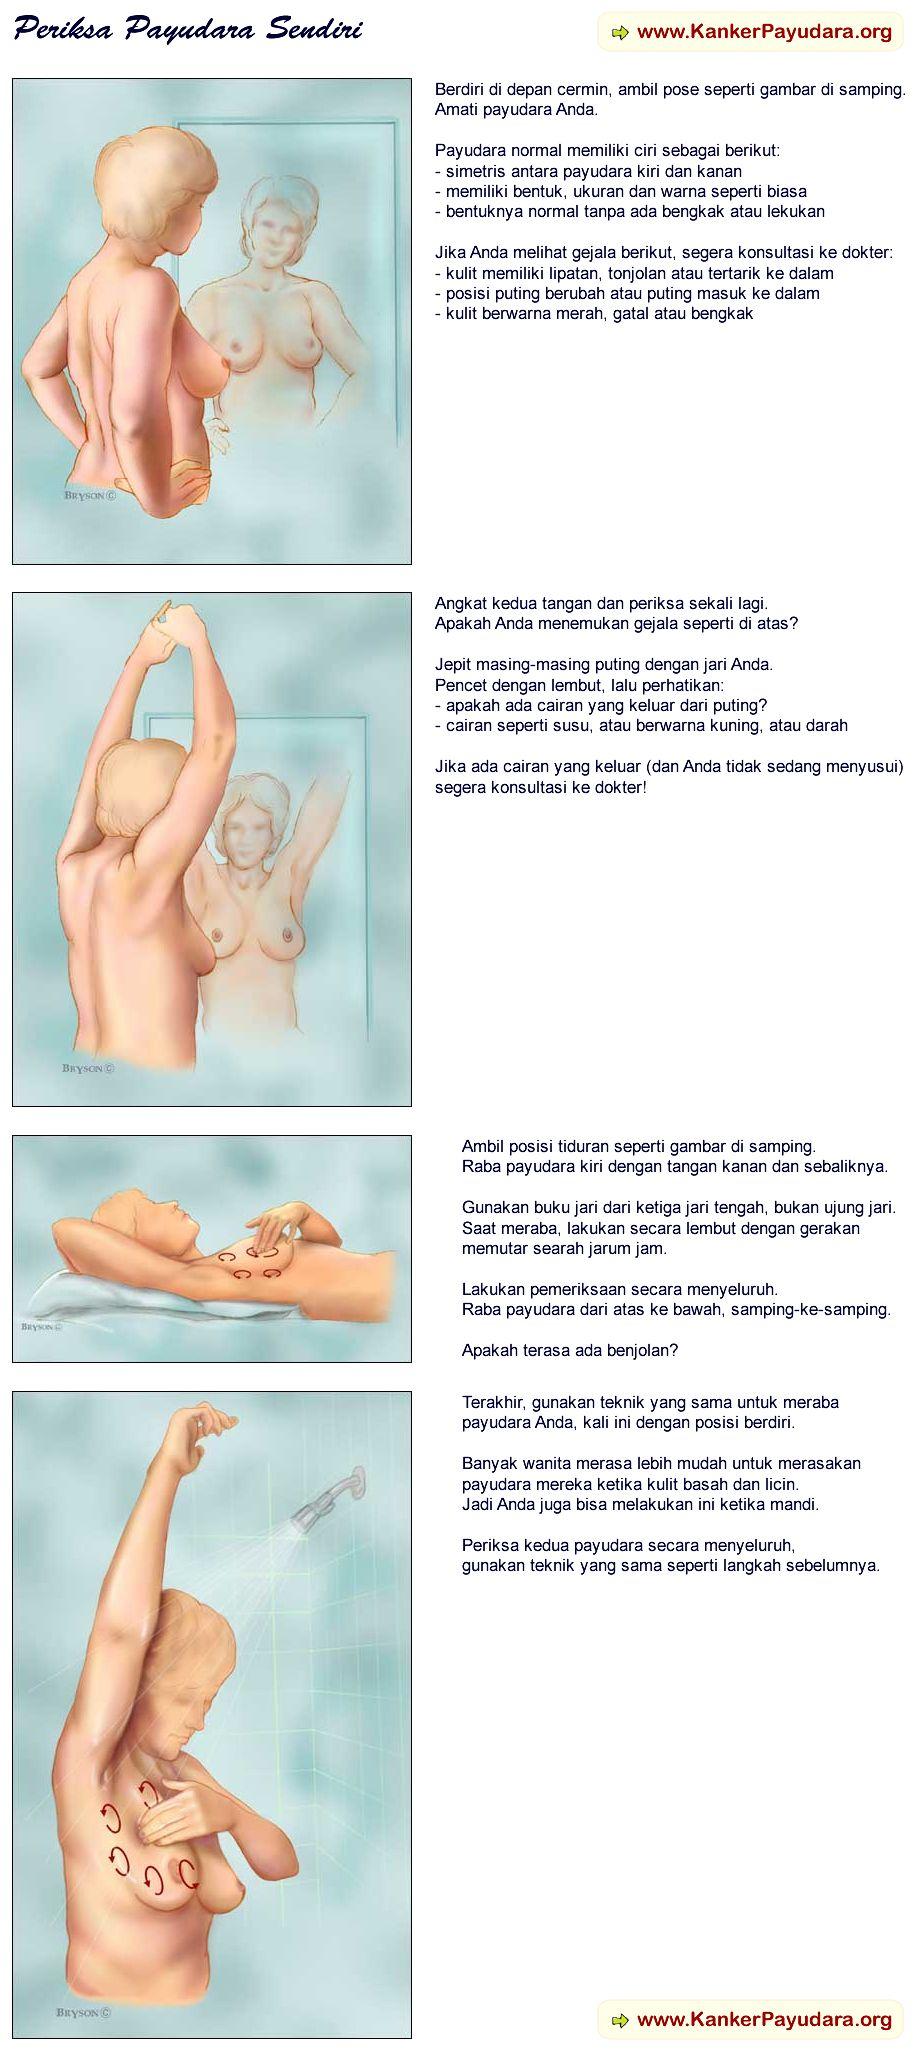 Pemeriksaan payudara sendiri